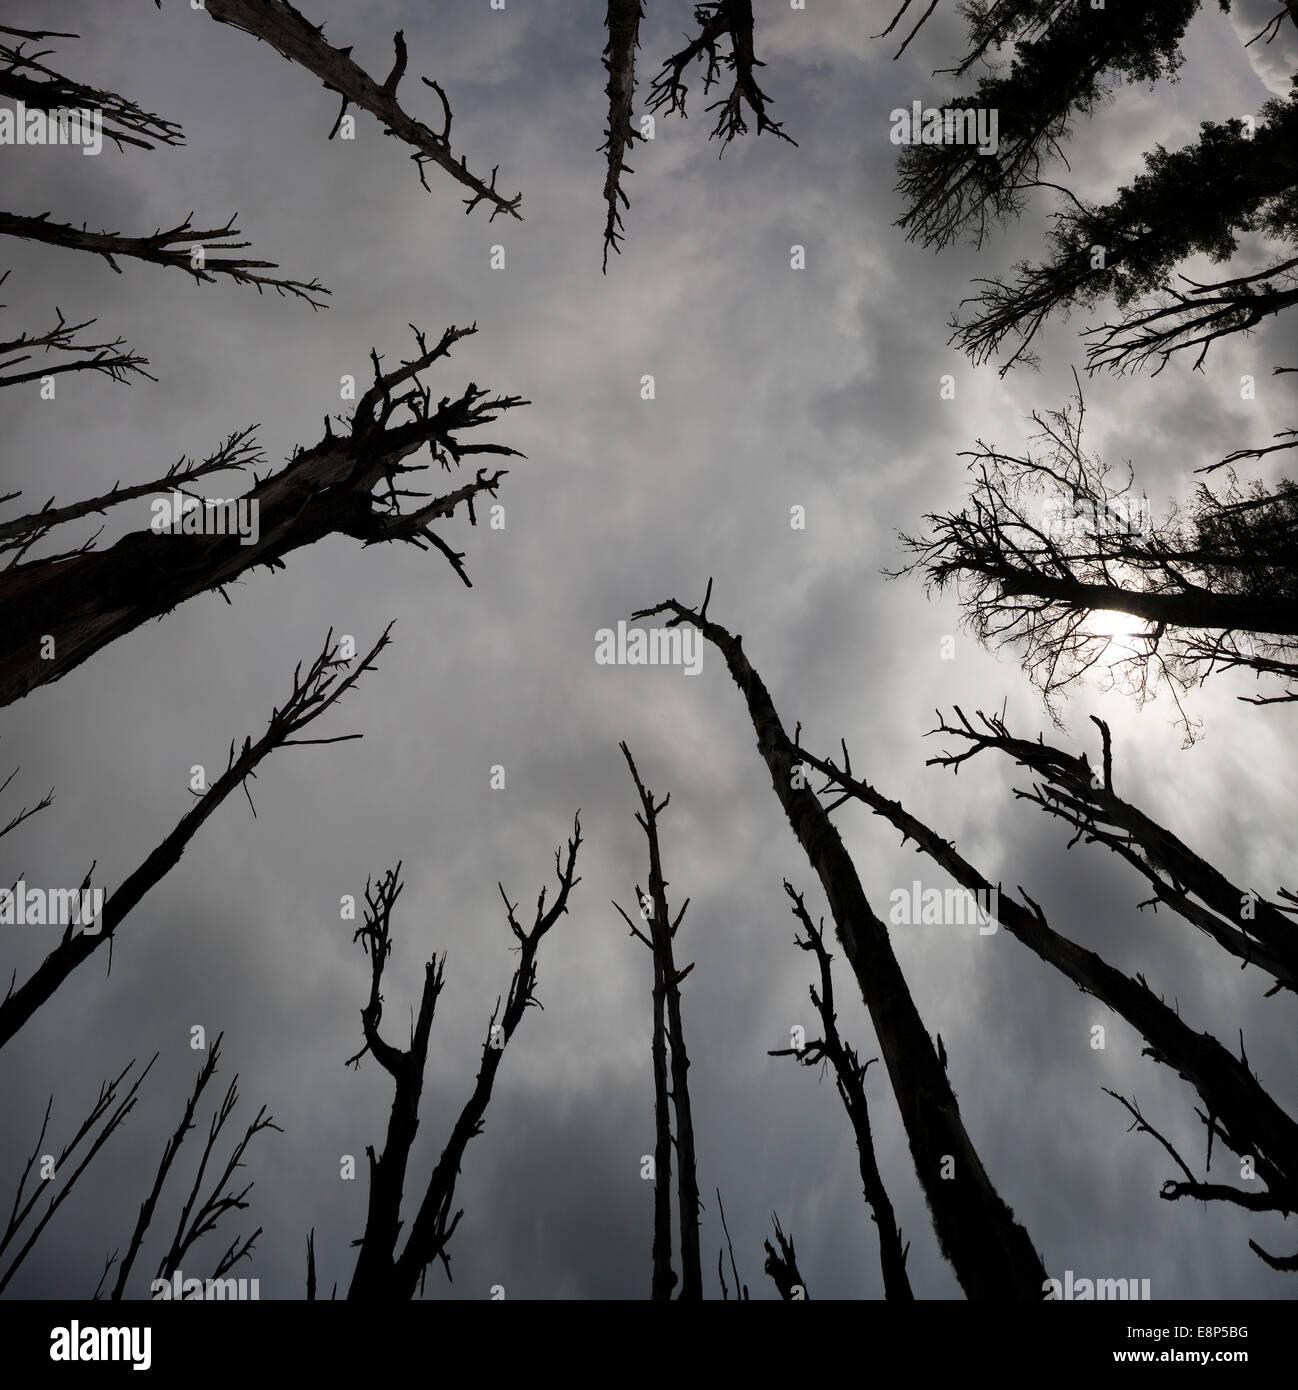 Los árboles muertos de miedo oscuro cielo tormentoso Haunted Woods buscando ángulo de visión baja Imagen De Stock